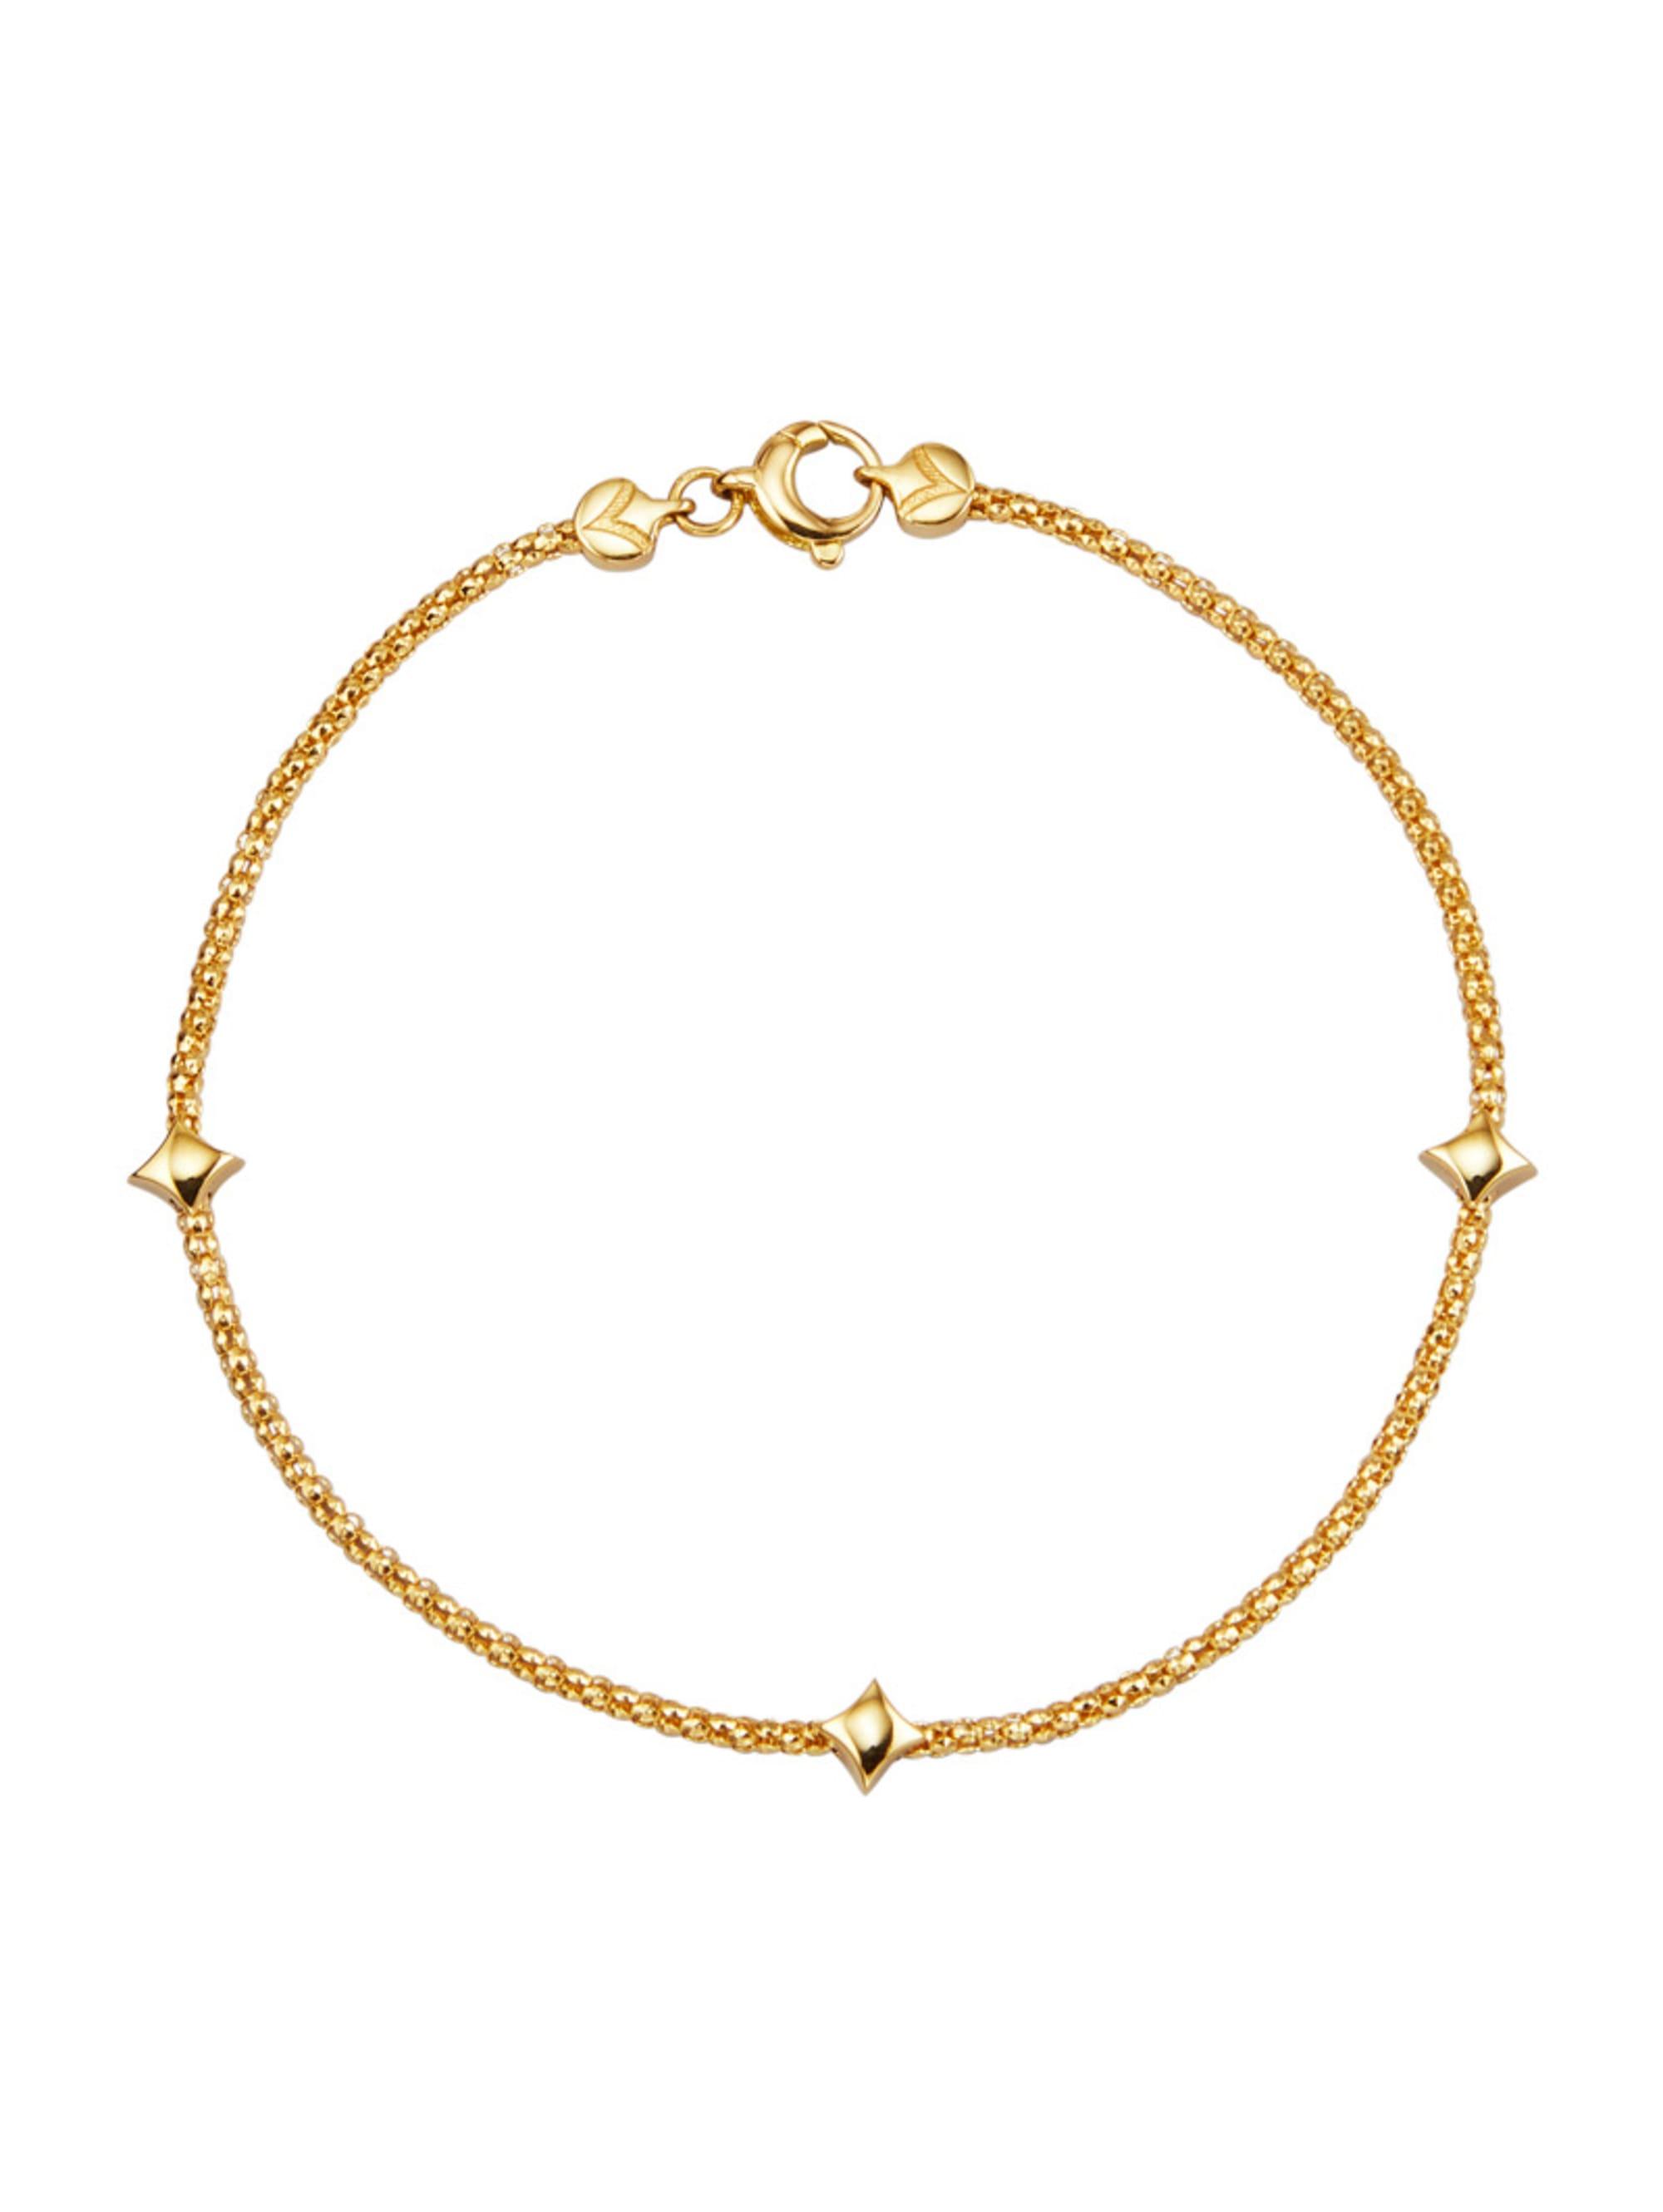 Diemer Gold Armband in Gelbgold 750 unfiE